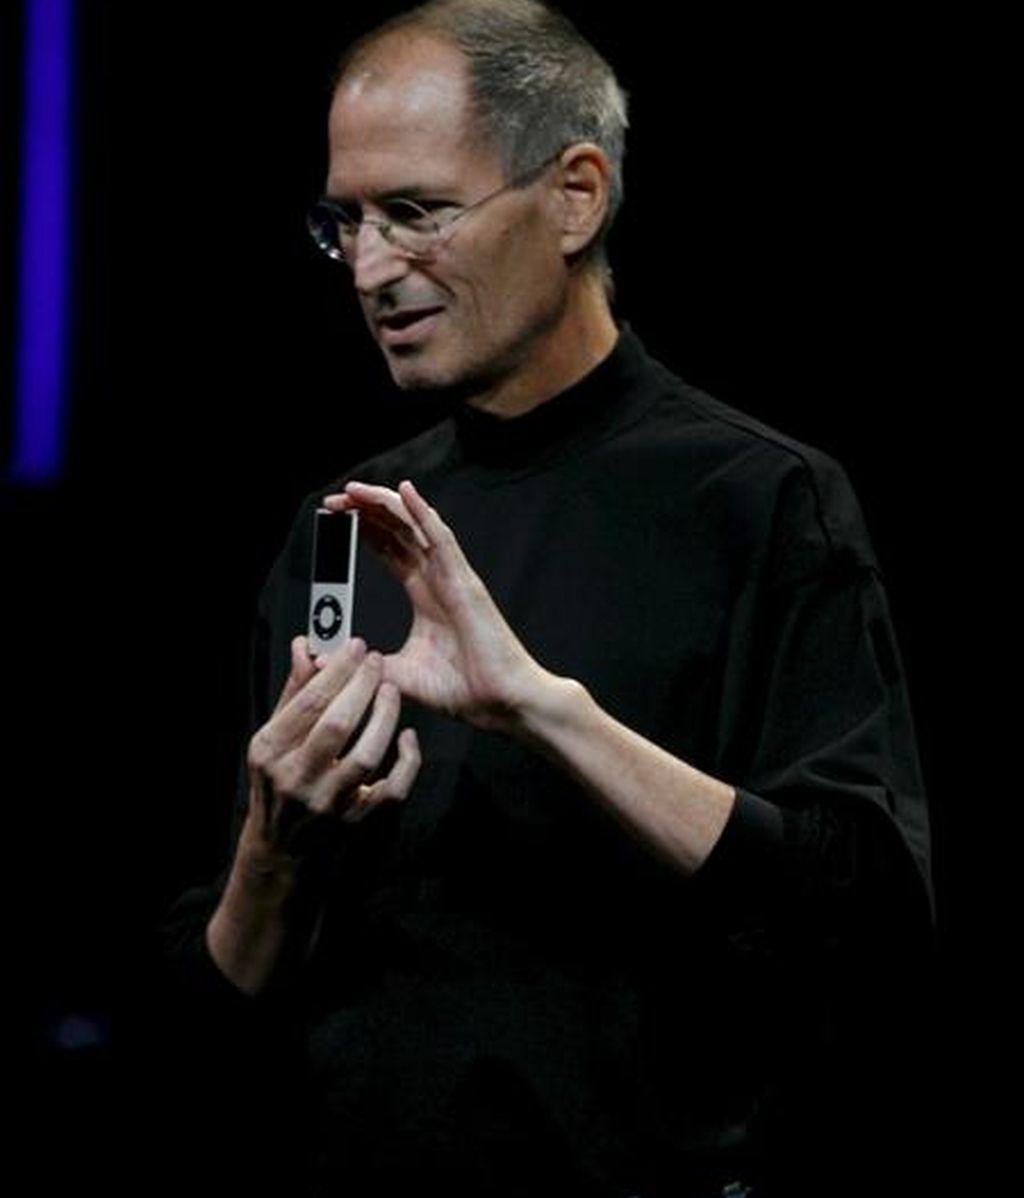 Steve Jobs, consejero delegado de Apple, destacó que, si se considera la facturación del conjunto del año, Apple supera ya los 50.000 millones de dólares en ventas. EFE/Archivo